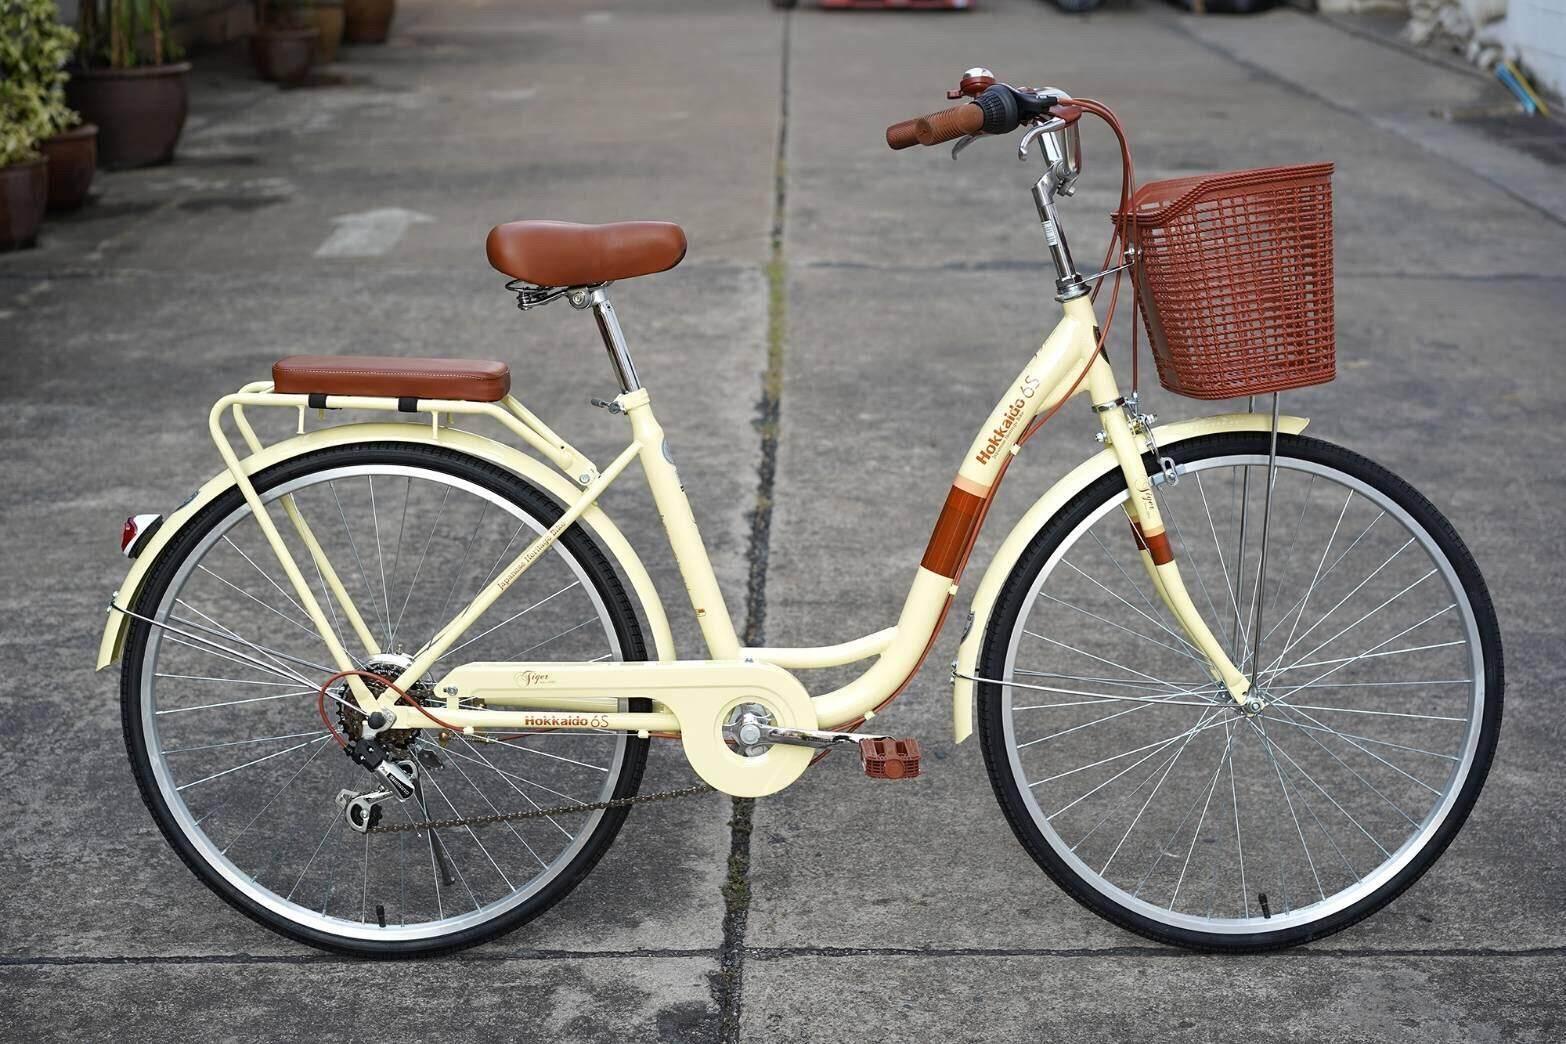 จักรยานแม่บ้านวินเทจ สไตล์ญี่ปุ่น 26 Tiger Hokkaido มี 6 เกียร์.